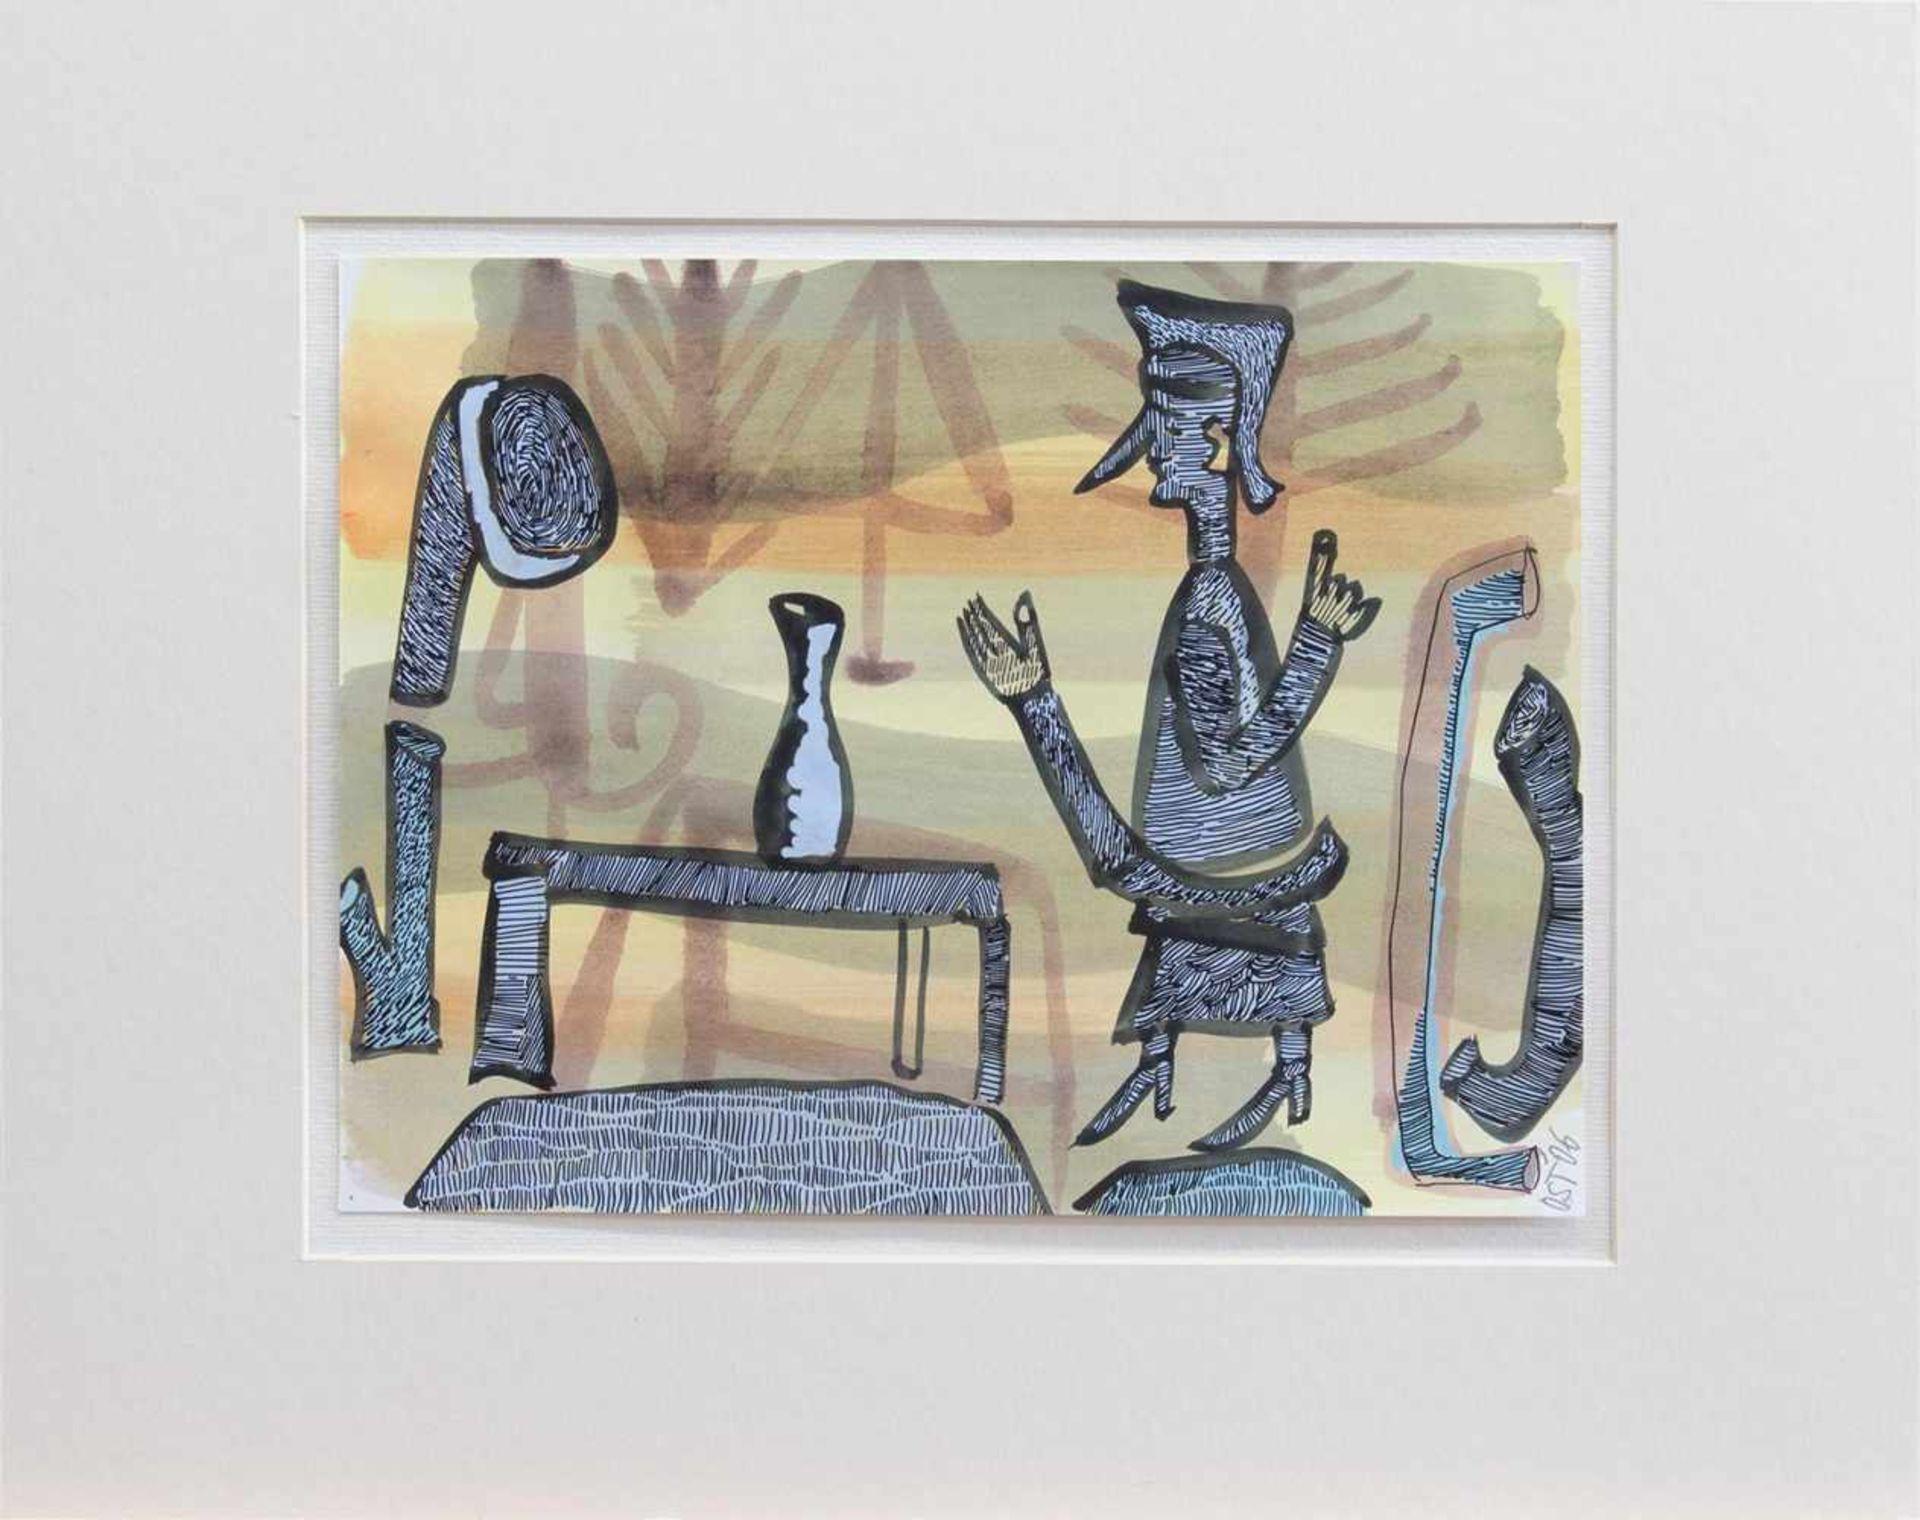 Los 45 - Otto Sander Tischbein (Osmarsleben 1949 - , deutscher Grafiker u. Maler, Std. a. d. HS f. Bildende